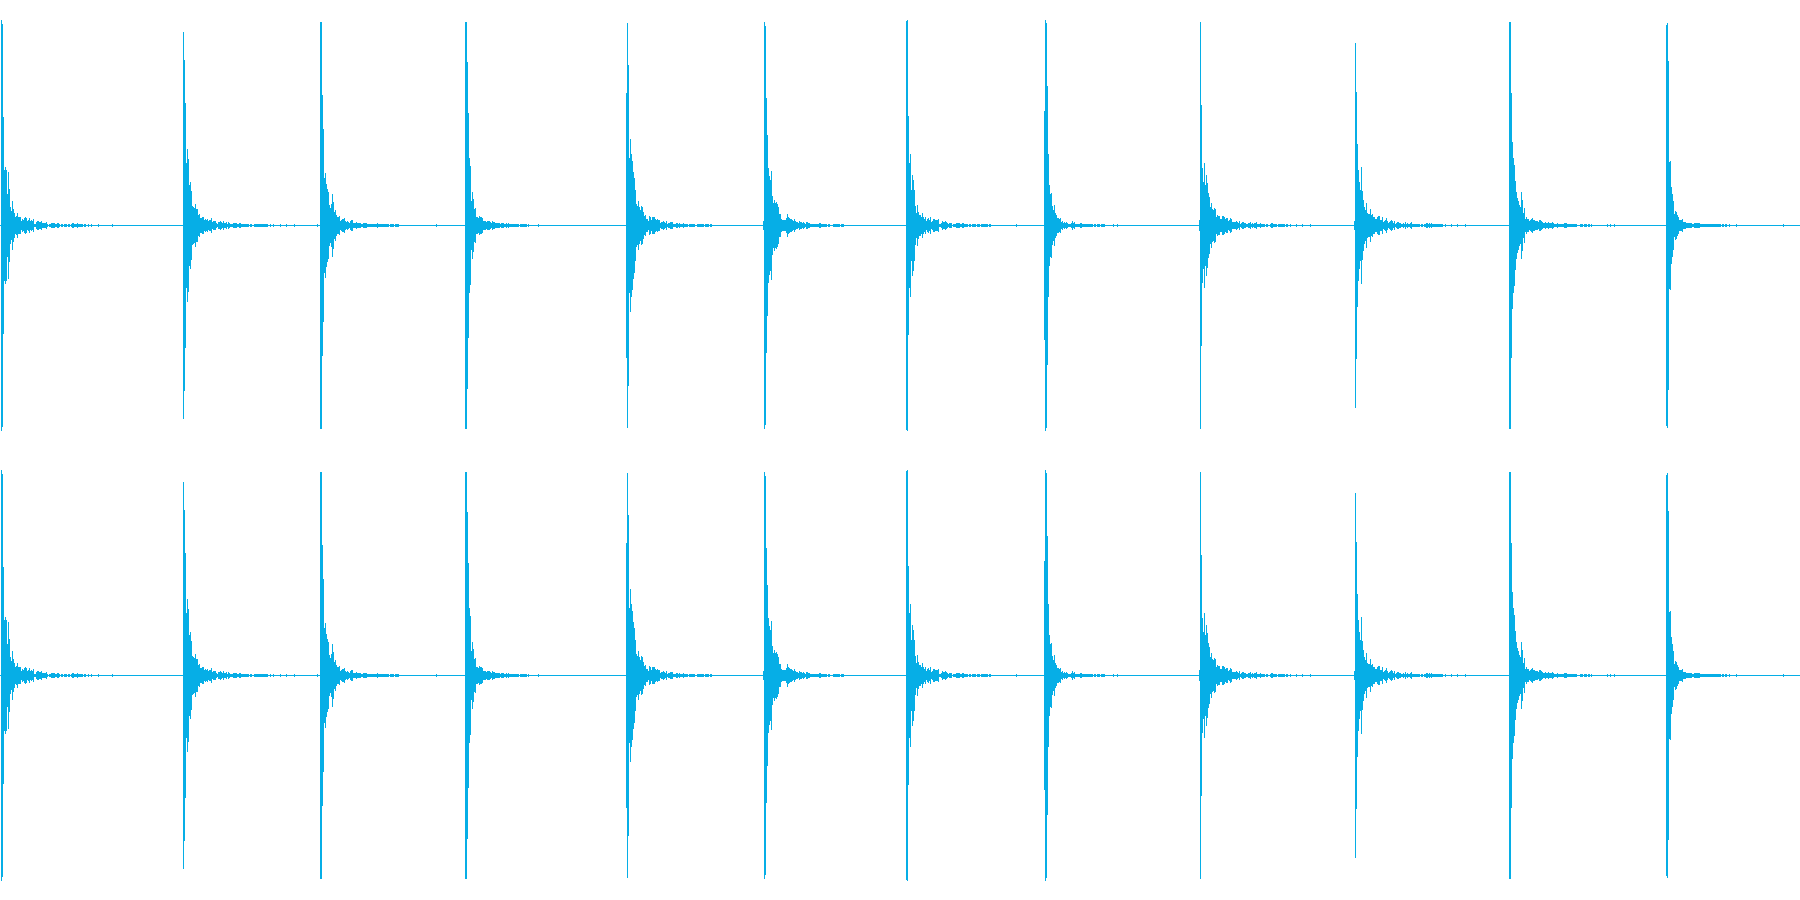 x:木に刻まれた絶え間ない刻の再生済みの波形